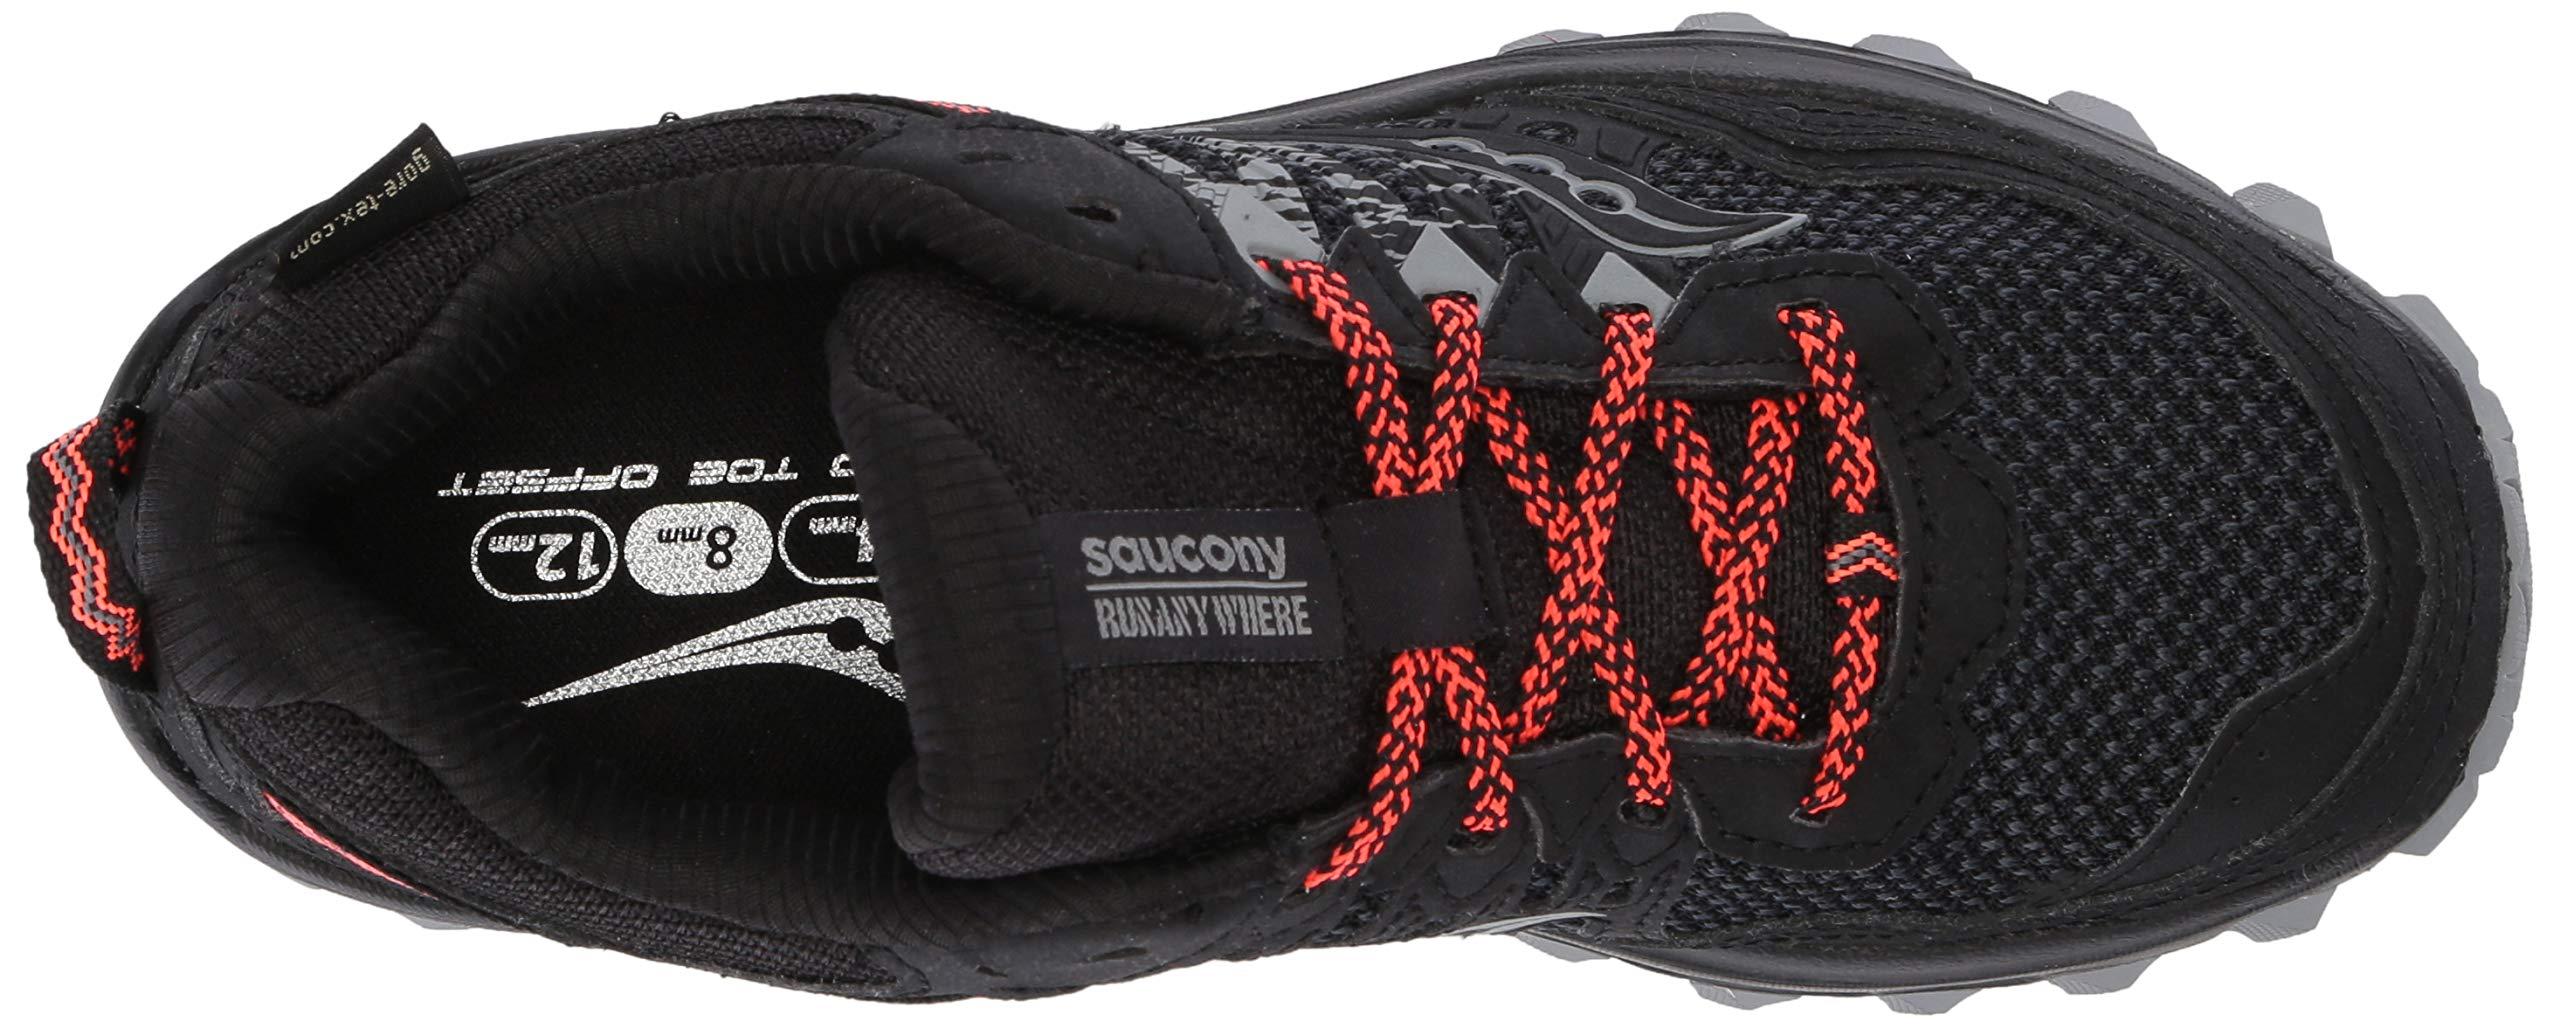 81q0lHZjFNL - Saucony Women's Excursion Tr12 GTX Training Shoes